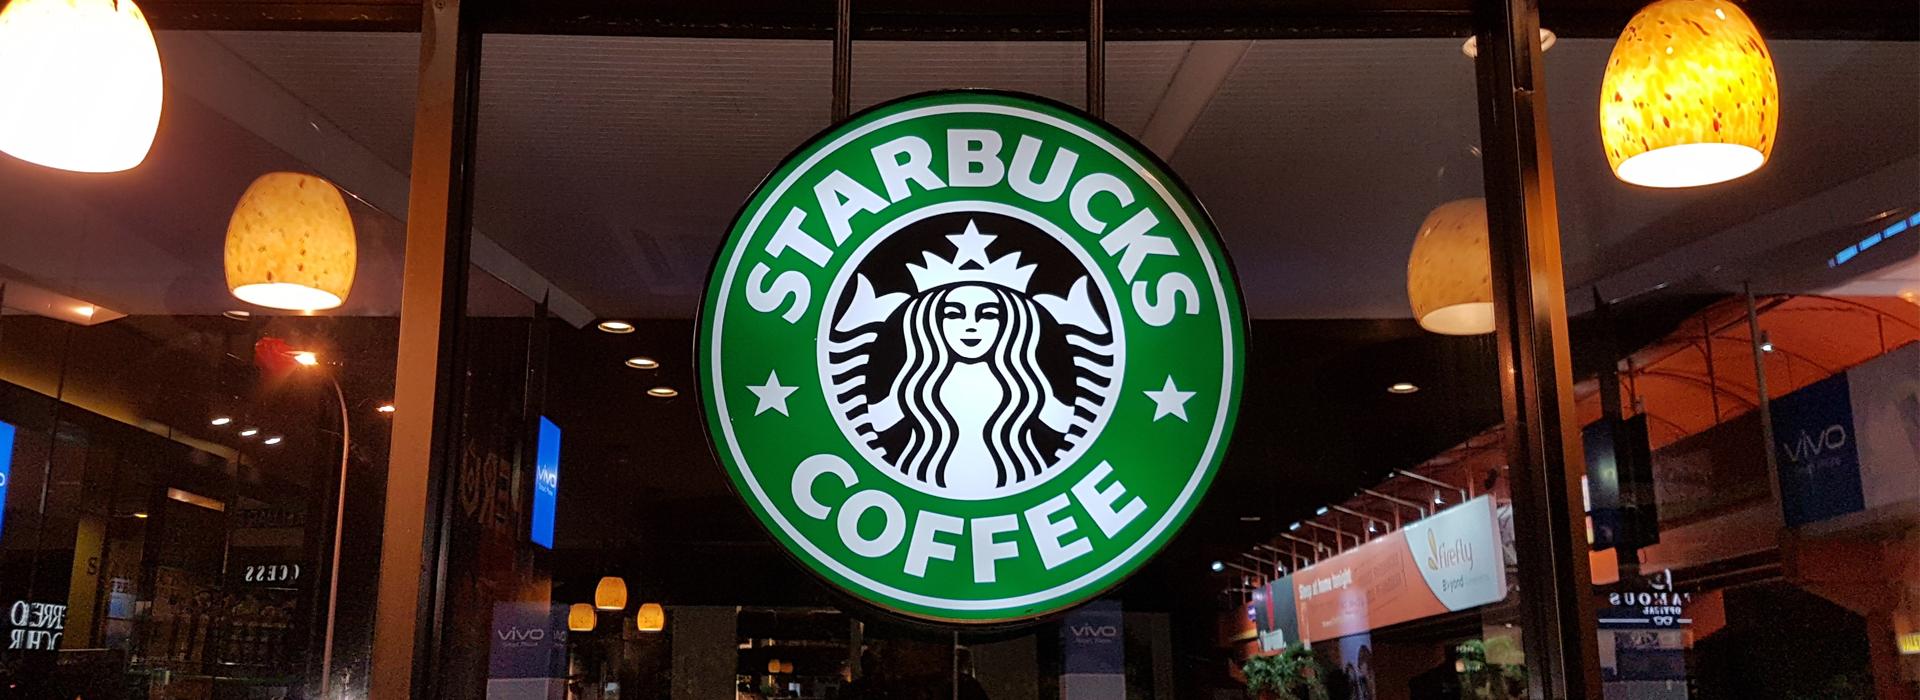 雀巢砸71.5億美元  與星巴克組全球咖啡聯盟